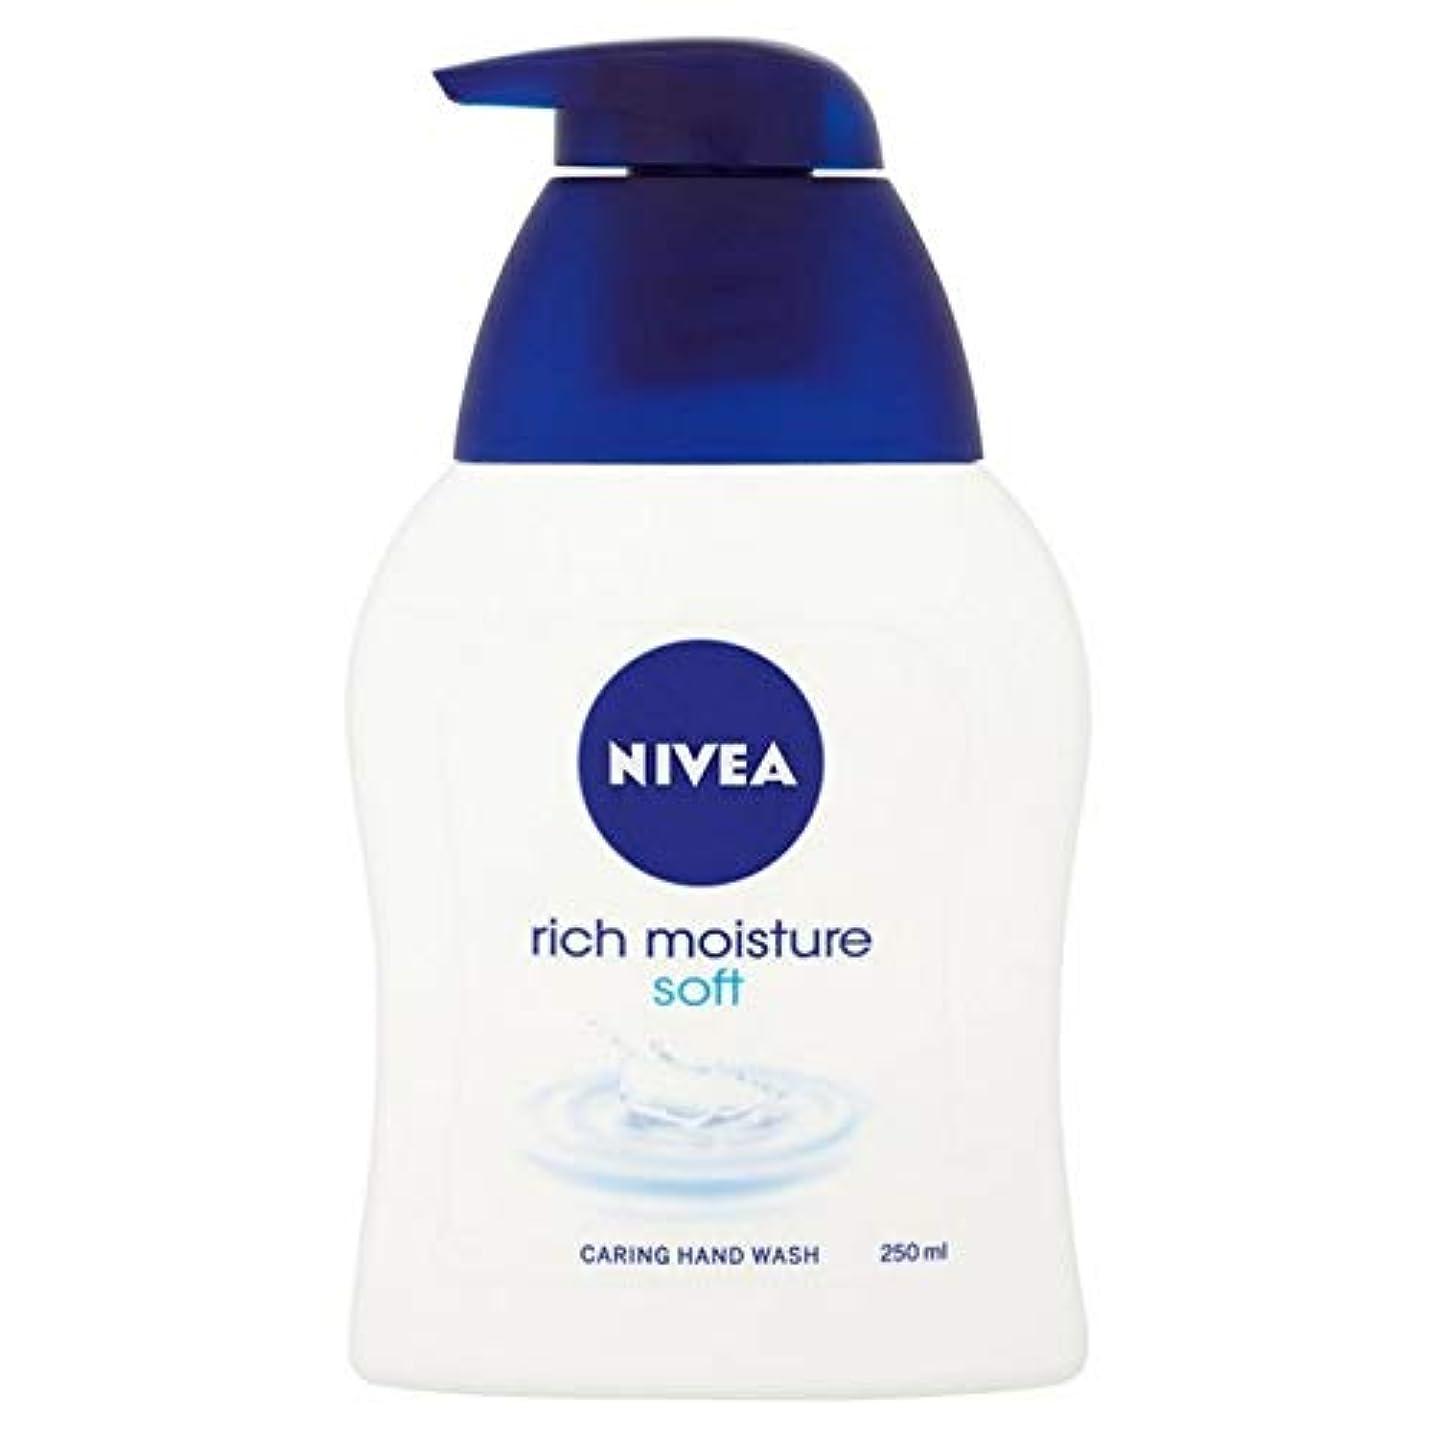 一人で考古学自慢[Nivea ] ニベア豊富な水分ソフト思いやり手洗いの250ミリリットル - Nivea Rich Moisture Soft Caring Hand Wash 250ml [並行輸入品]